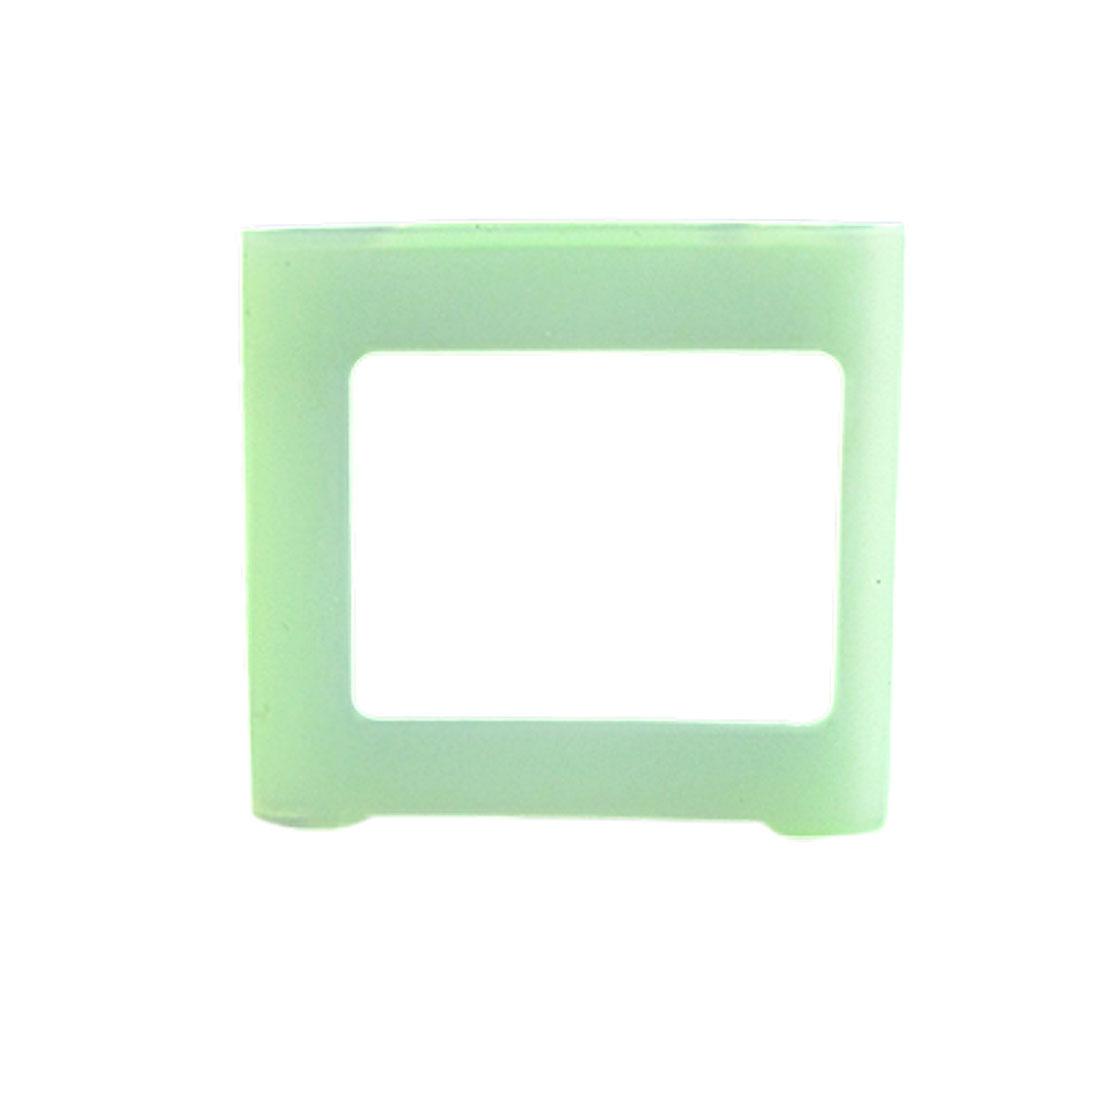 Green Silicone Skin Slim Case Cover for iPod Nano 6